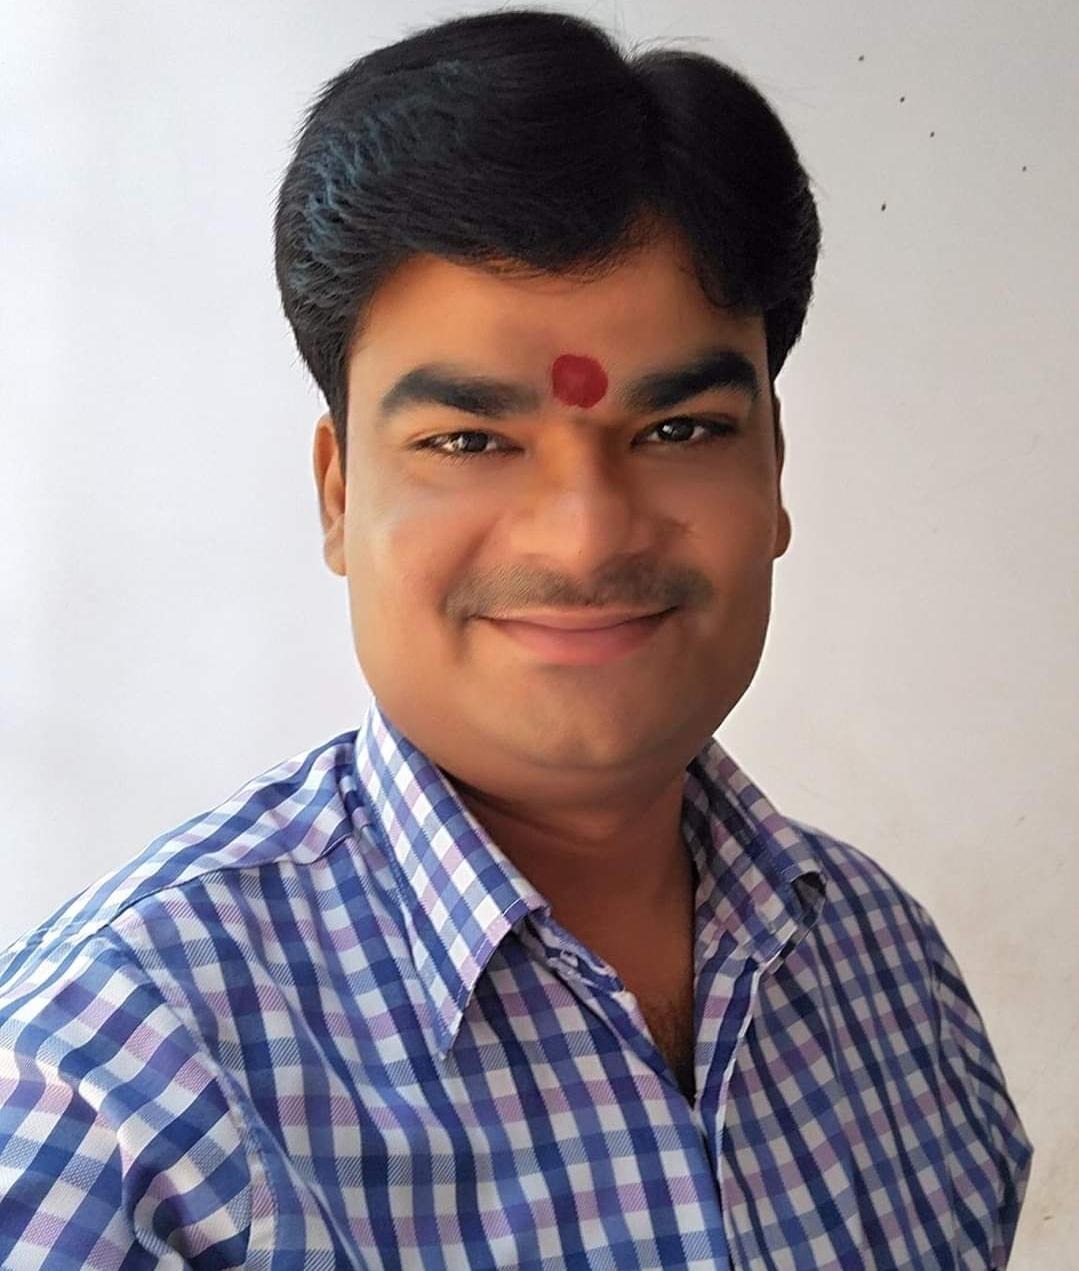 Pprashant Vyas